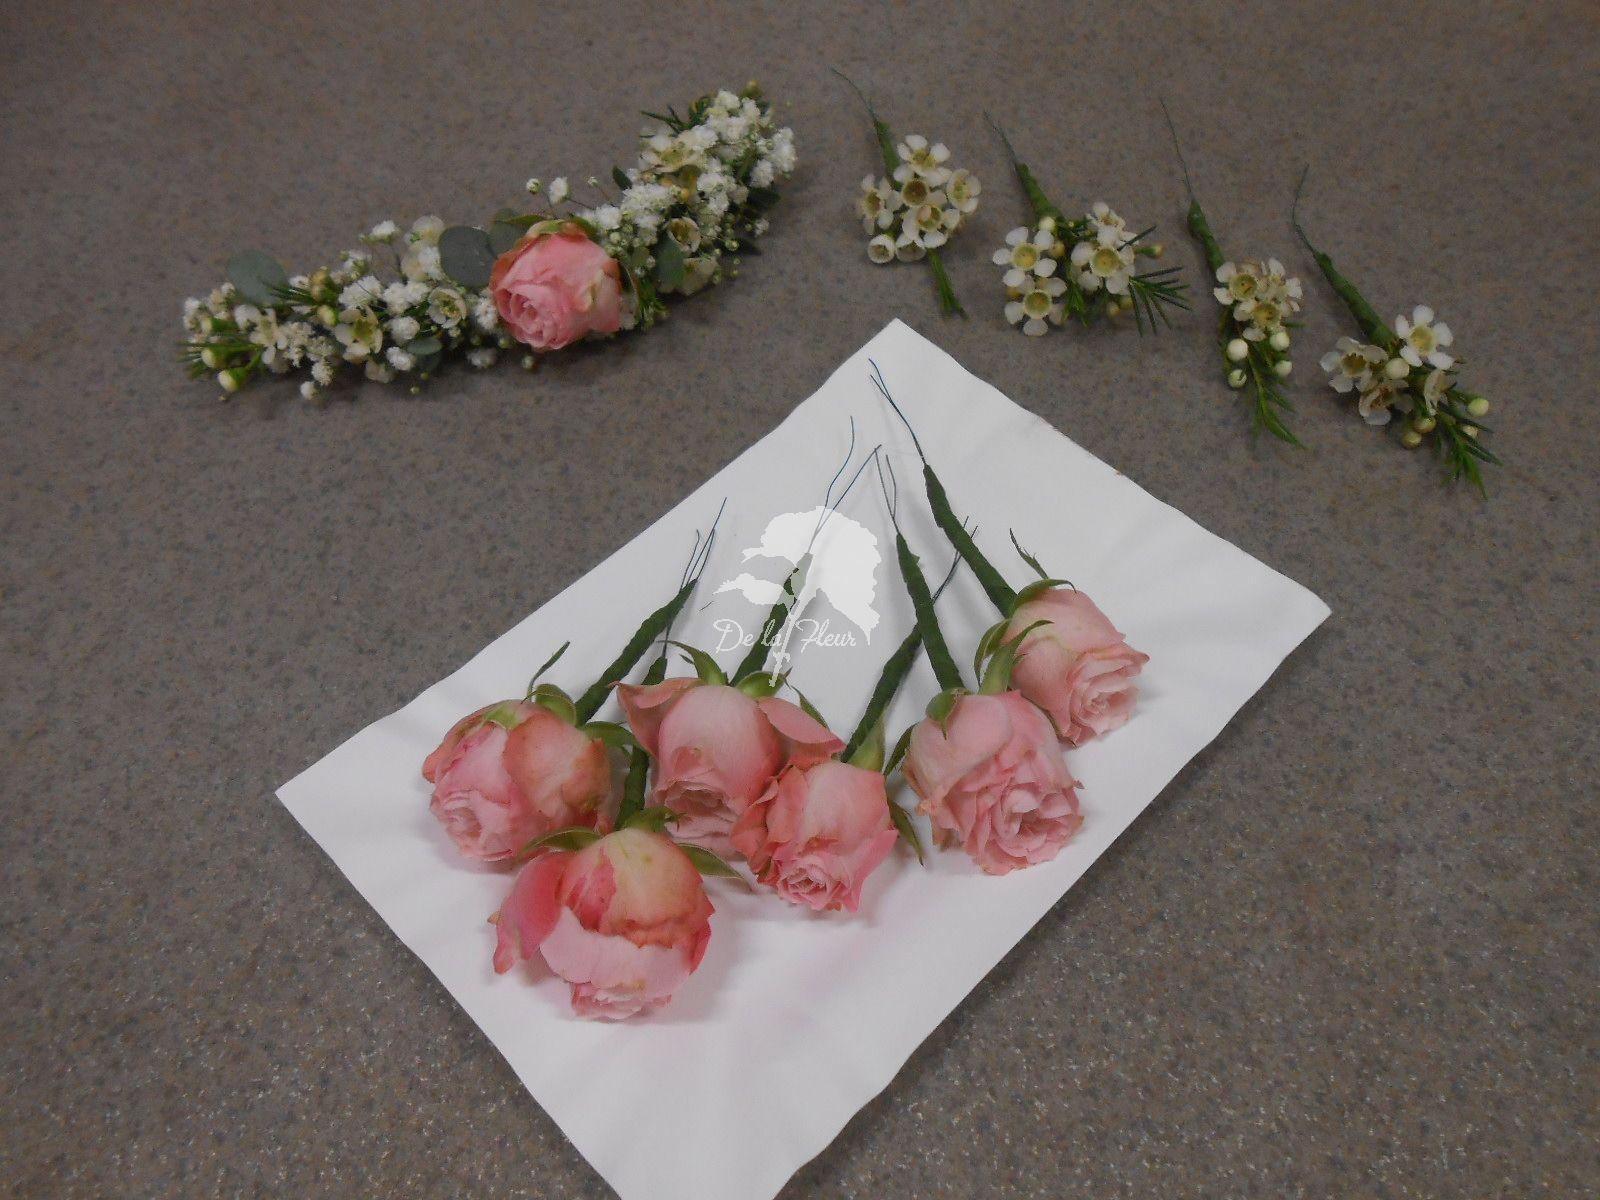 Starorůžová svatební krása - Obrázek č. 3